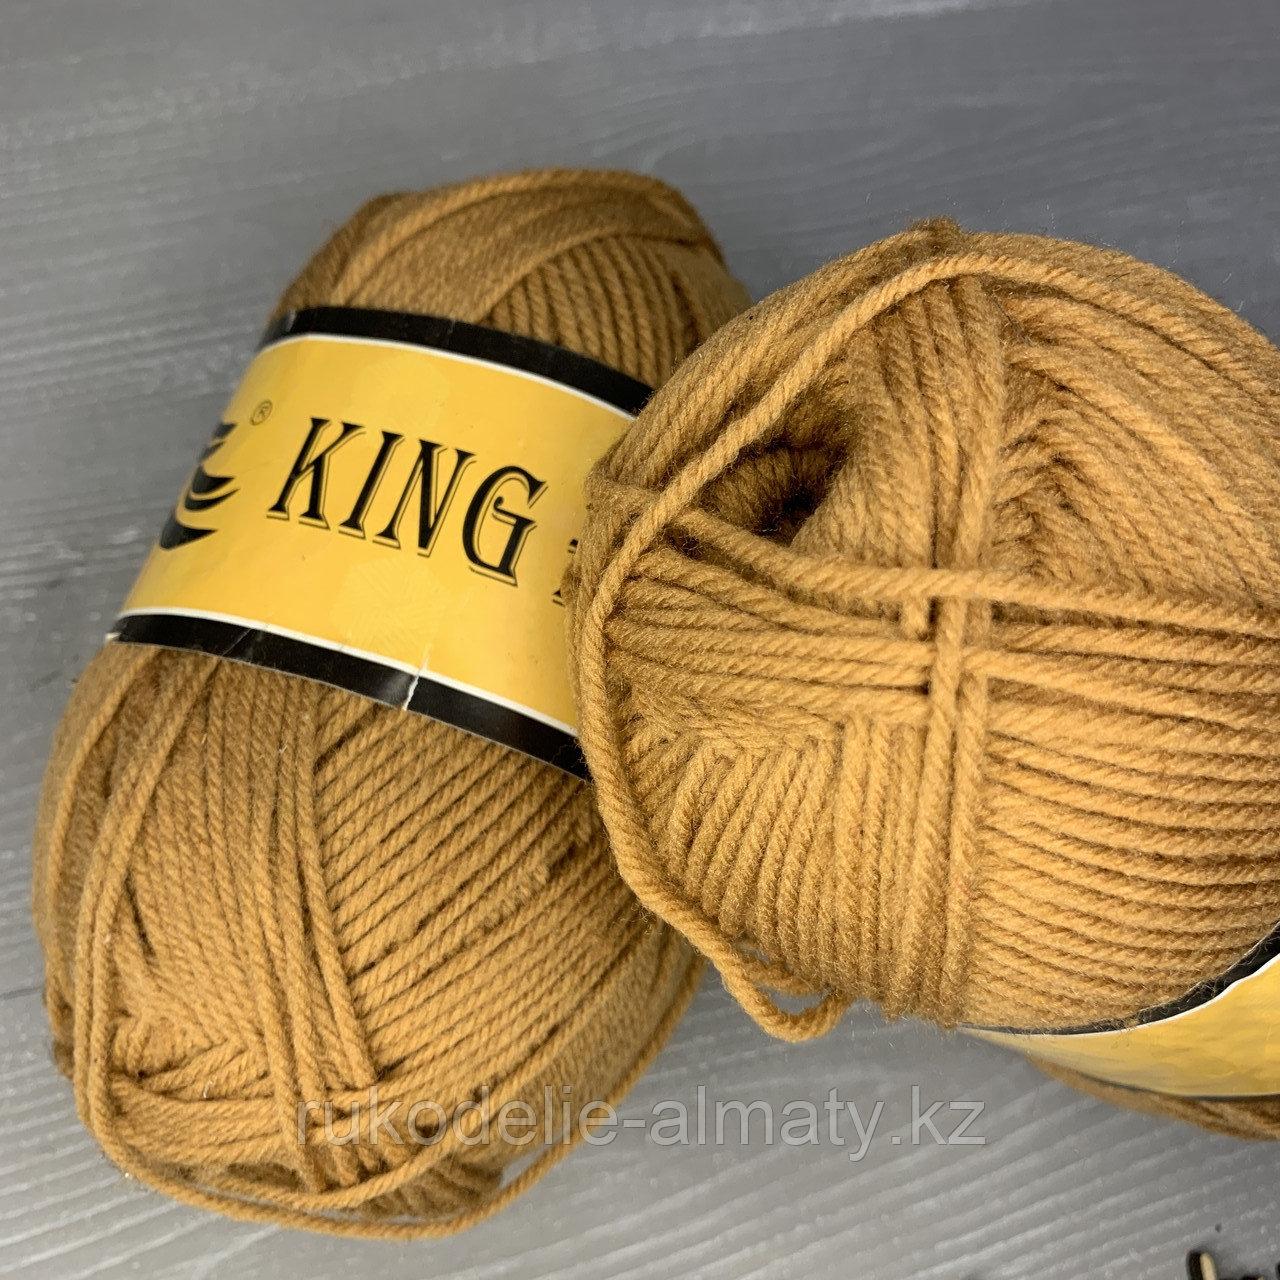 Пряжа акриловая премиум-класса King Bird светло-коричневый - фото 2